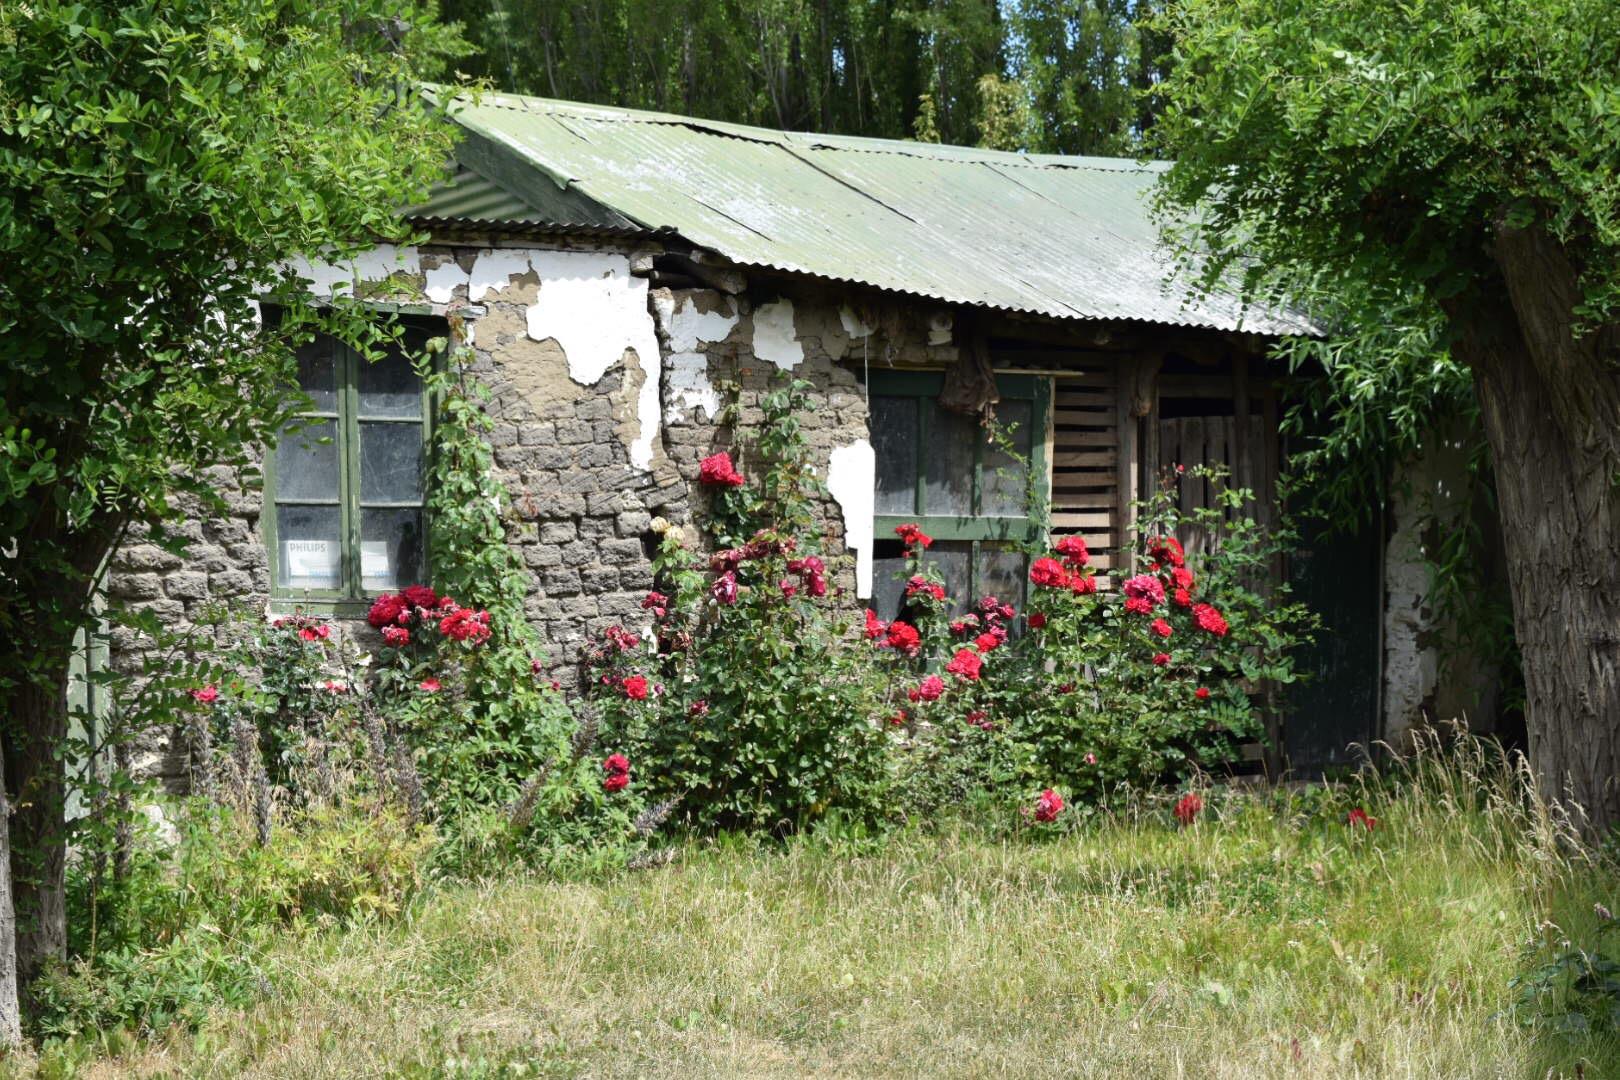 """La primera vivienda or """"the first home"""" in El Calafate, Santa Cruz province"""